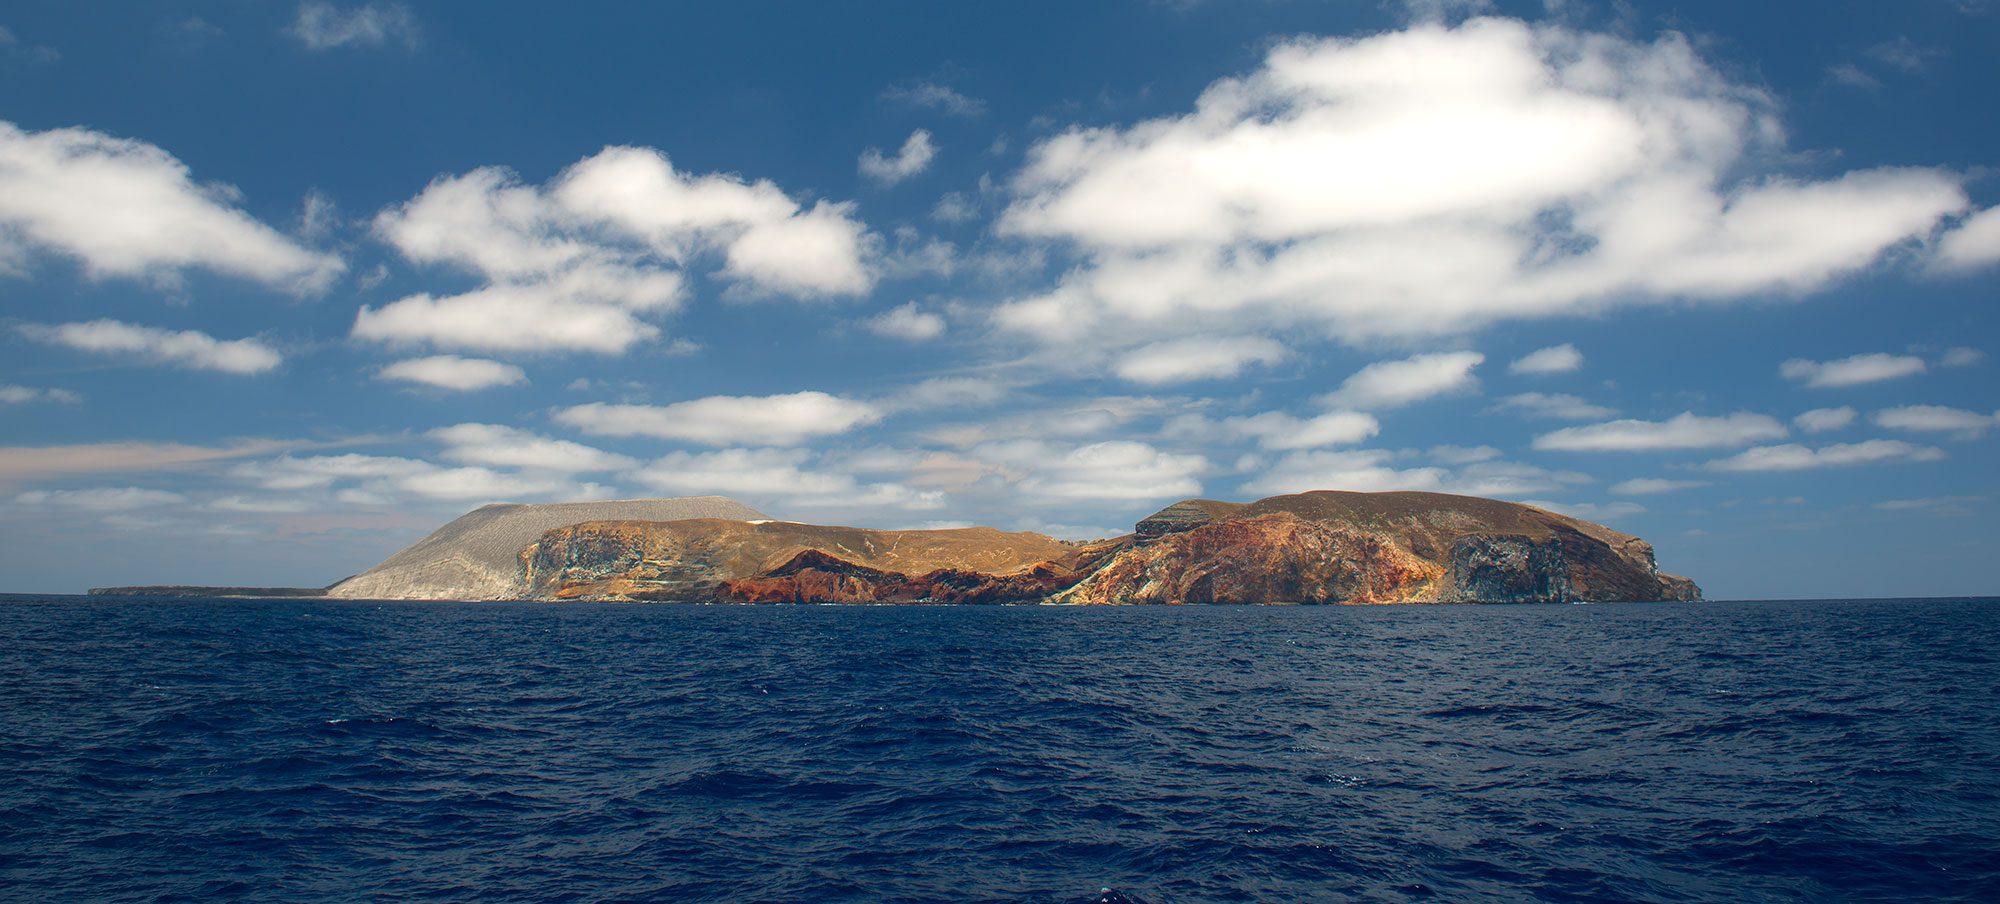 San Benedicto Revillagigedo ( Socorro ) Islands, Mexico